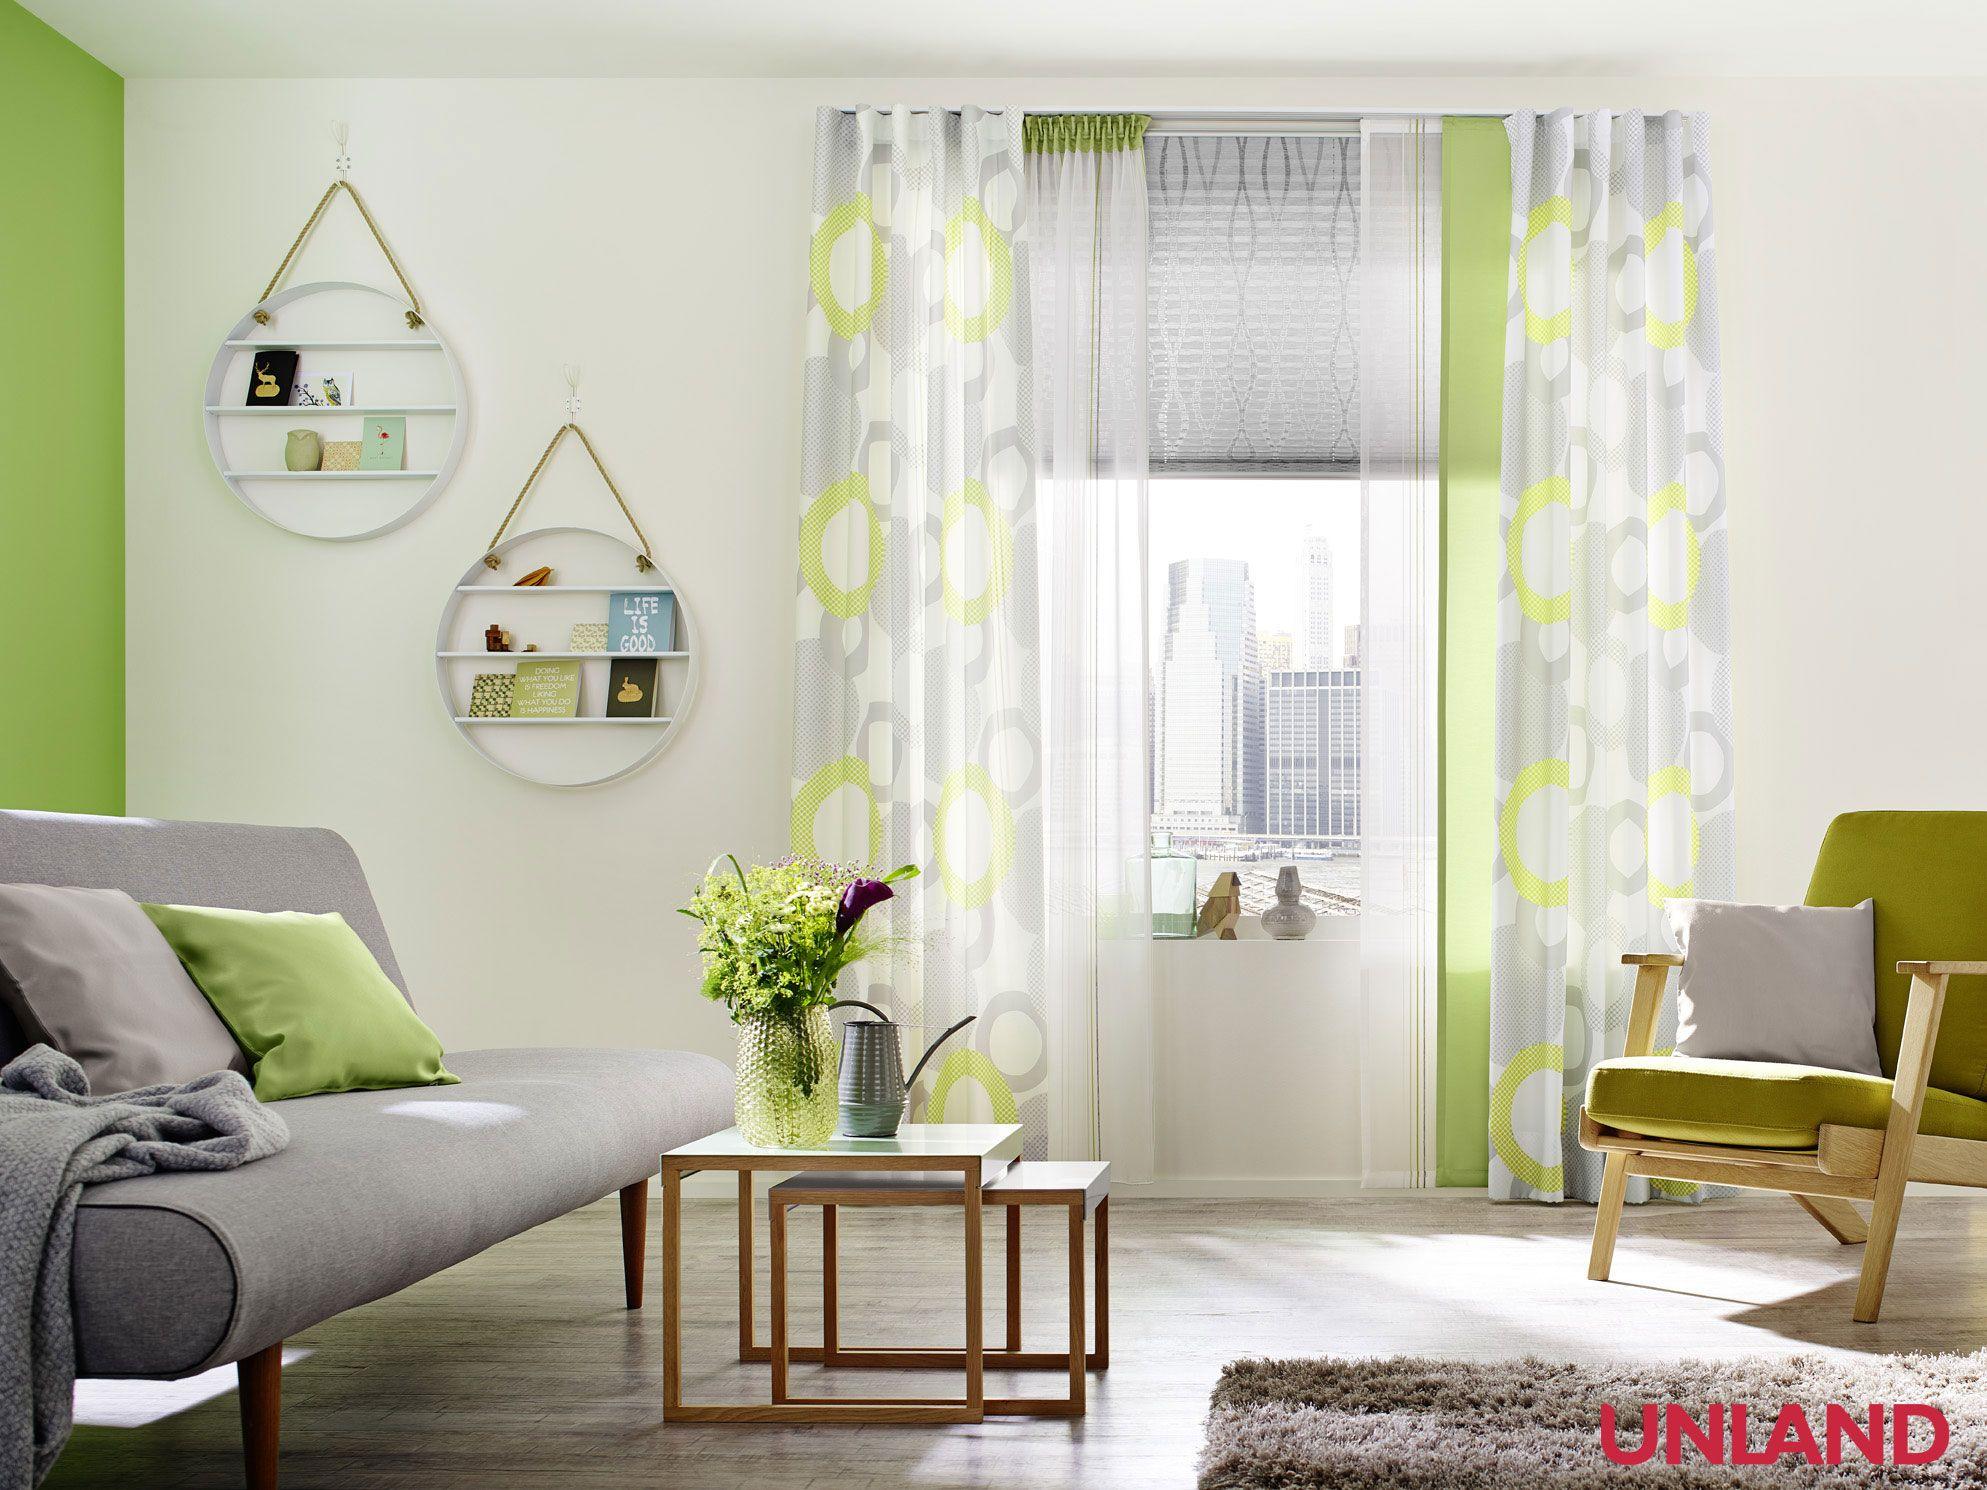 Unland Orbit Fensterideen Vorhang Gardinen Und Sonnenschutz